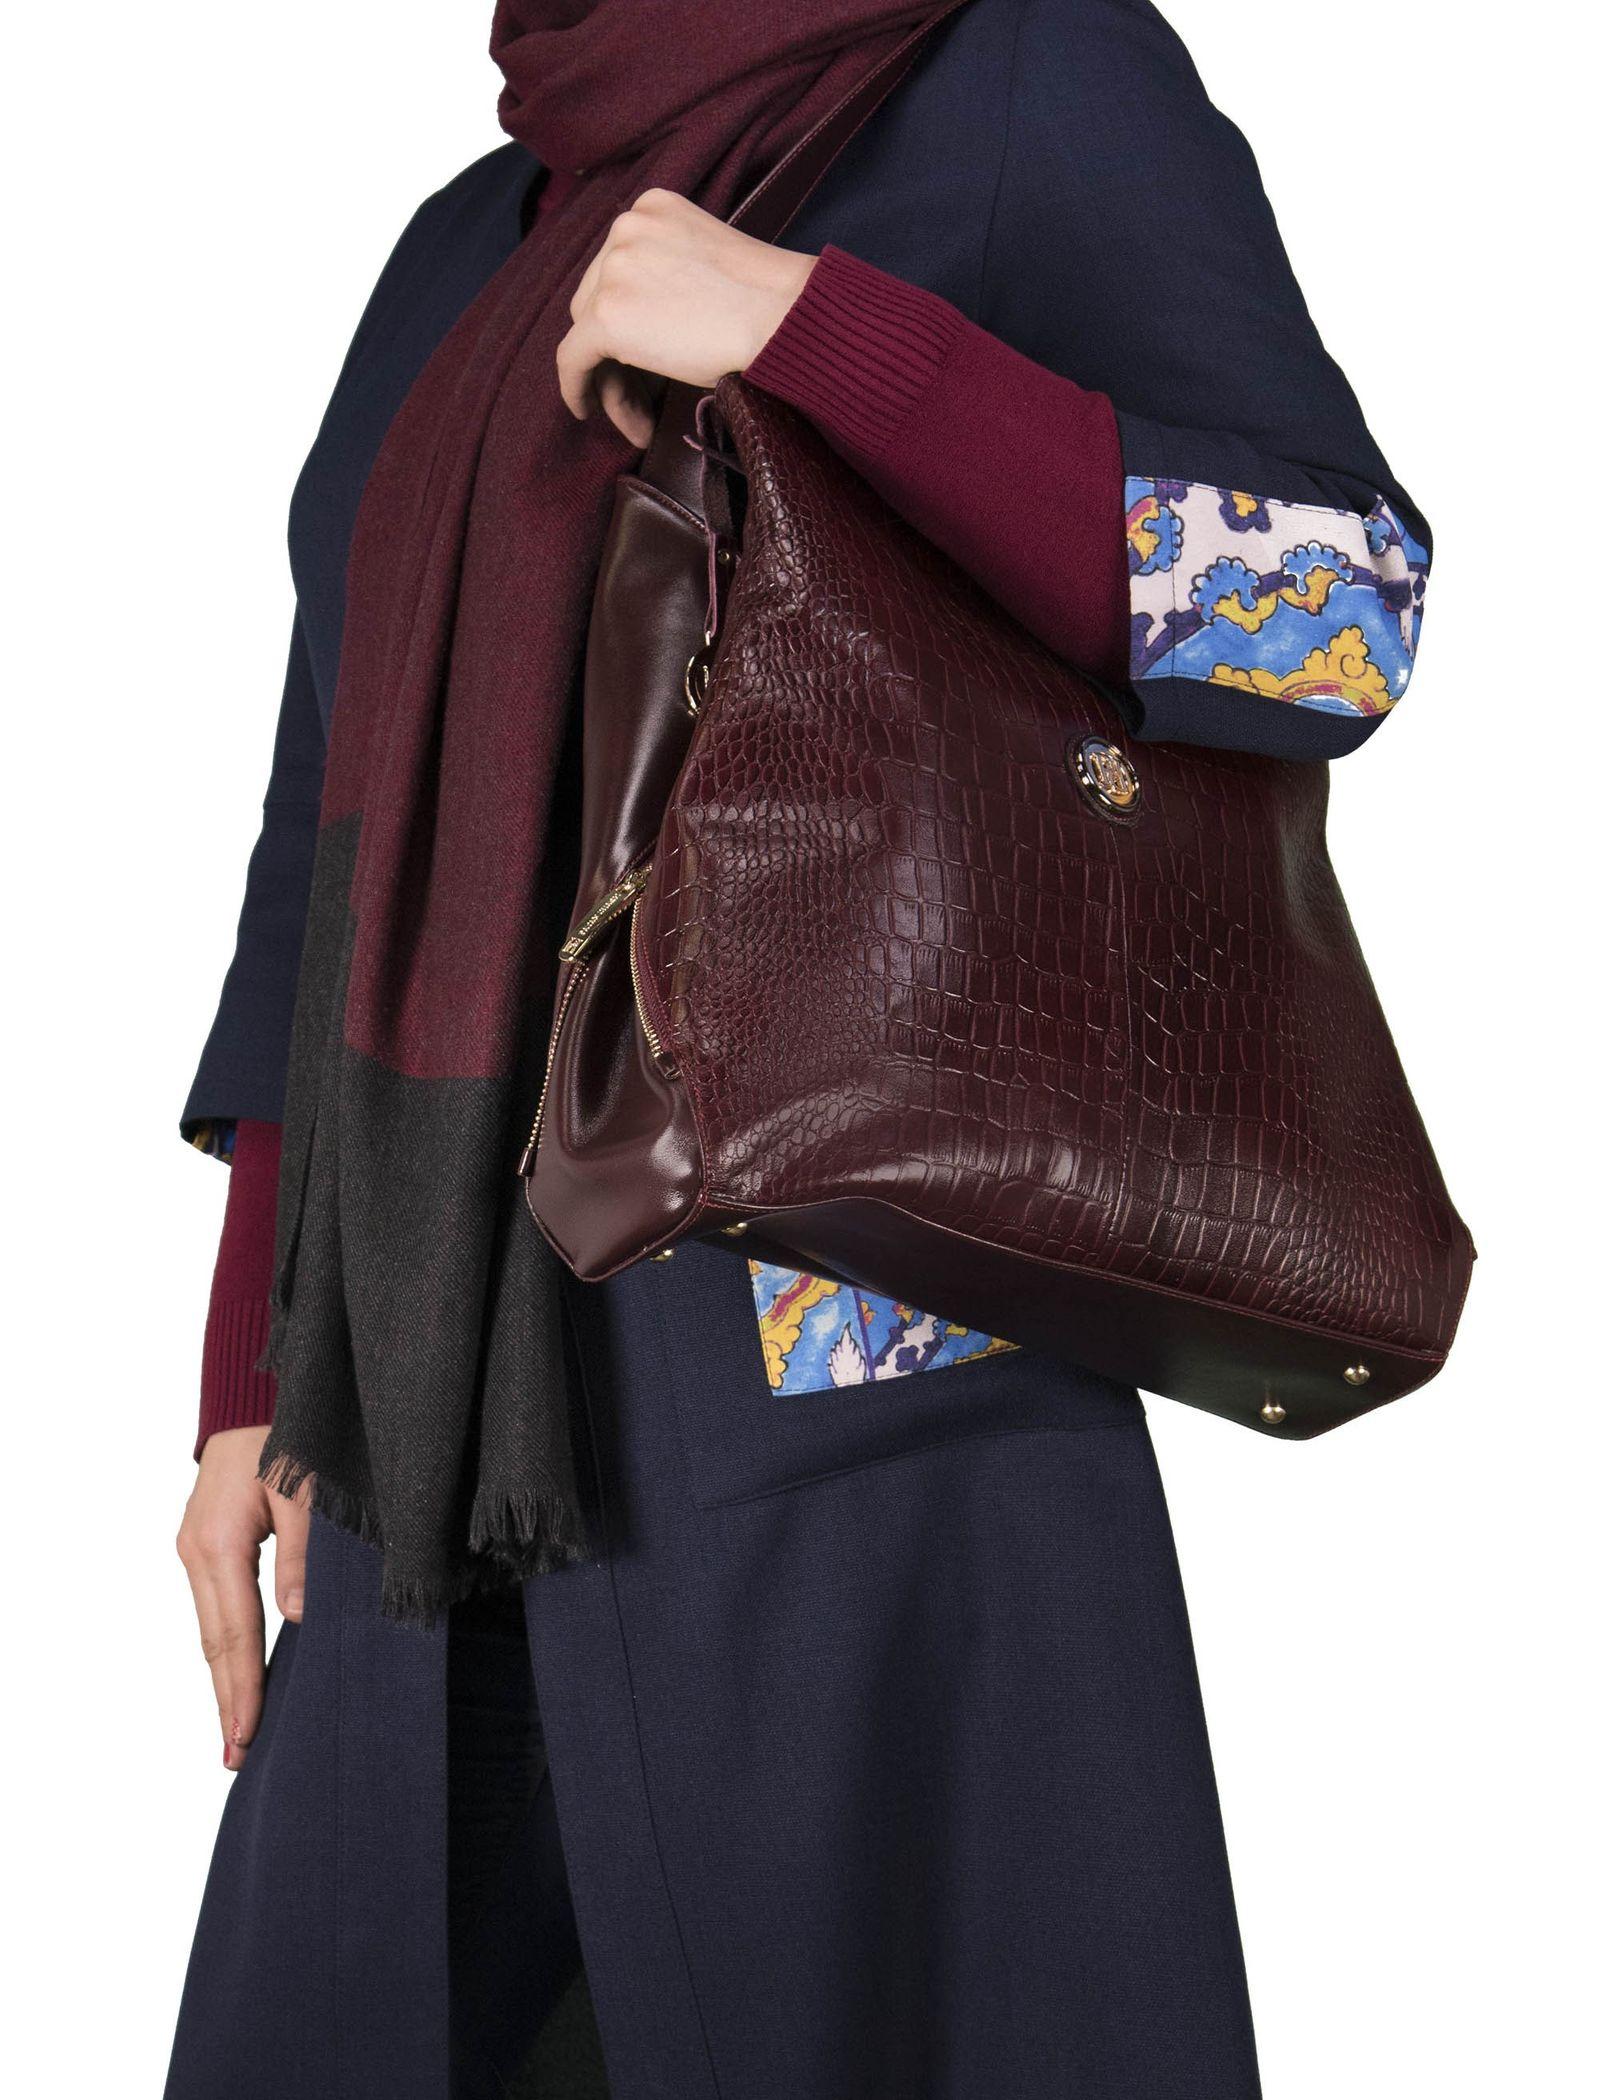 کیف دوشی روزمره زنانه - پاتن چرم - زرشکي سنگي  - 6